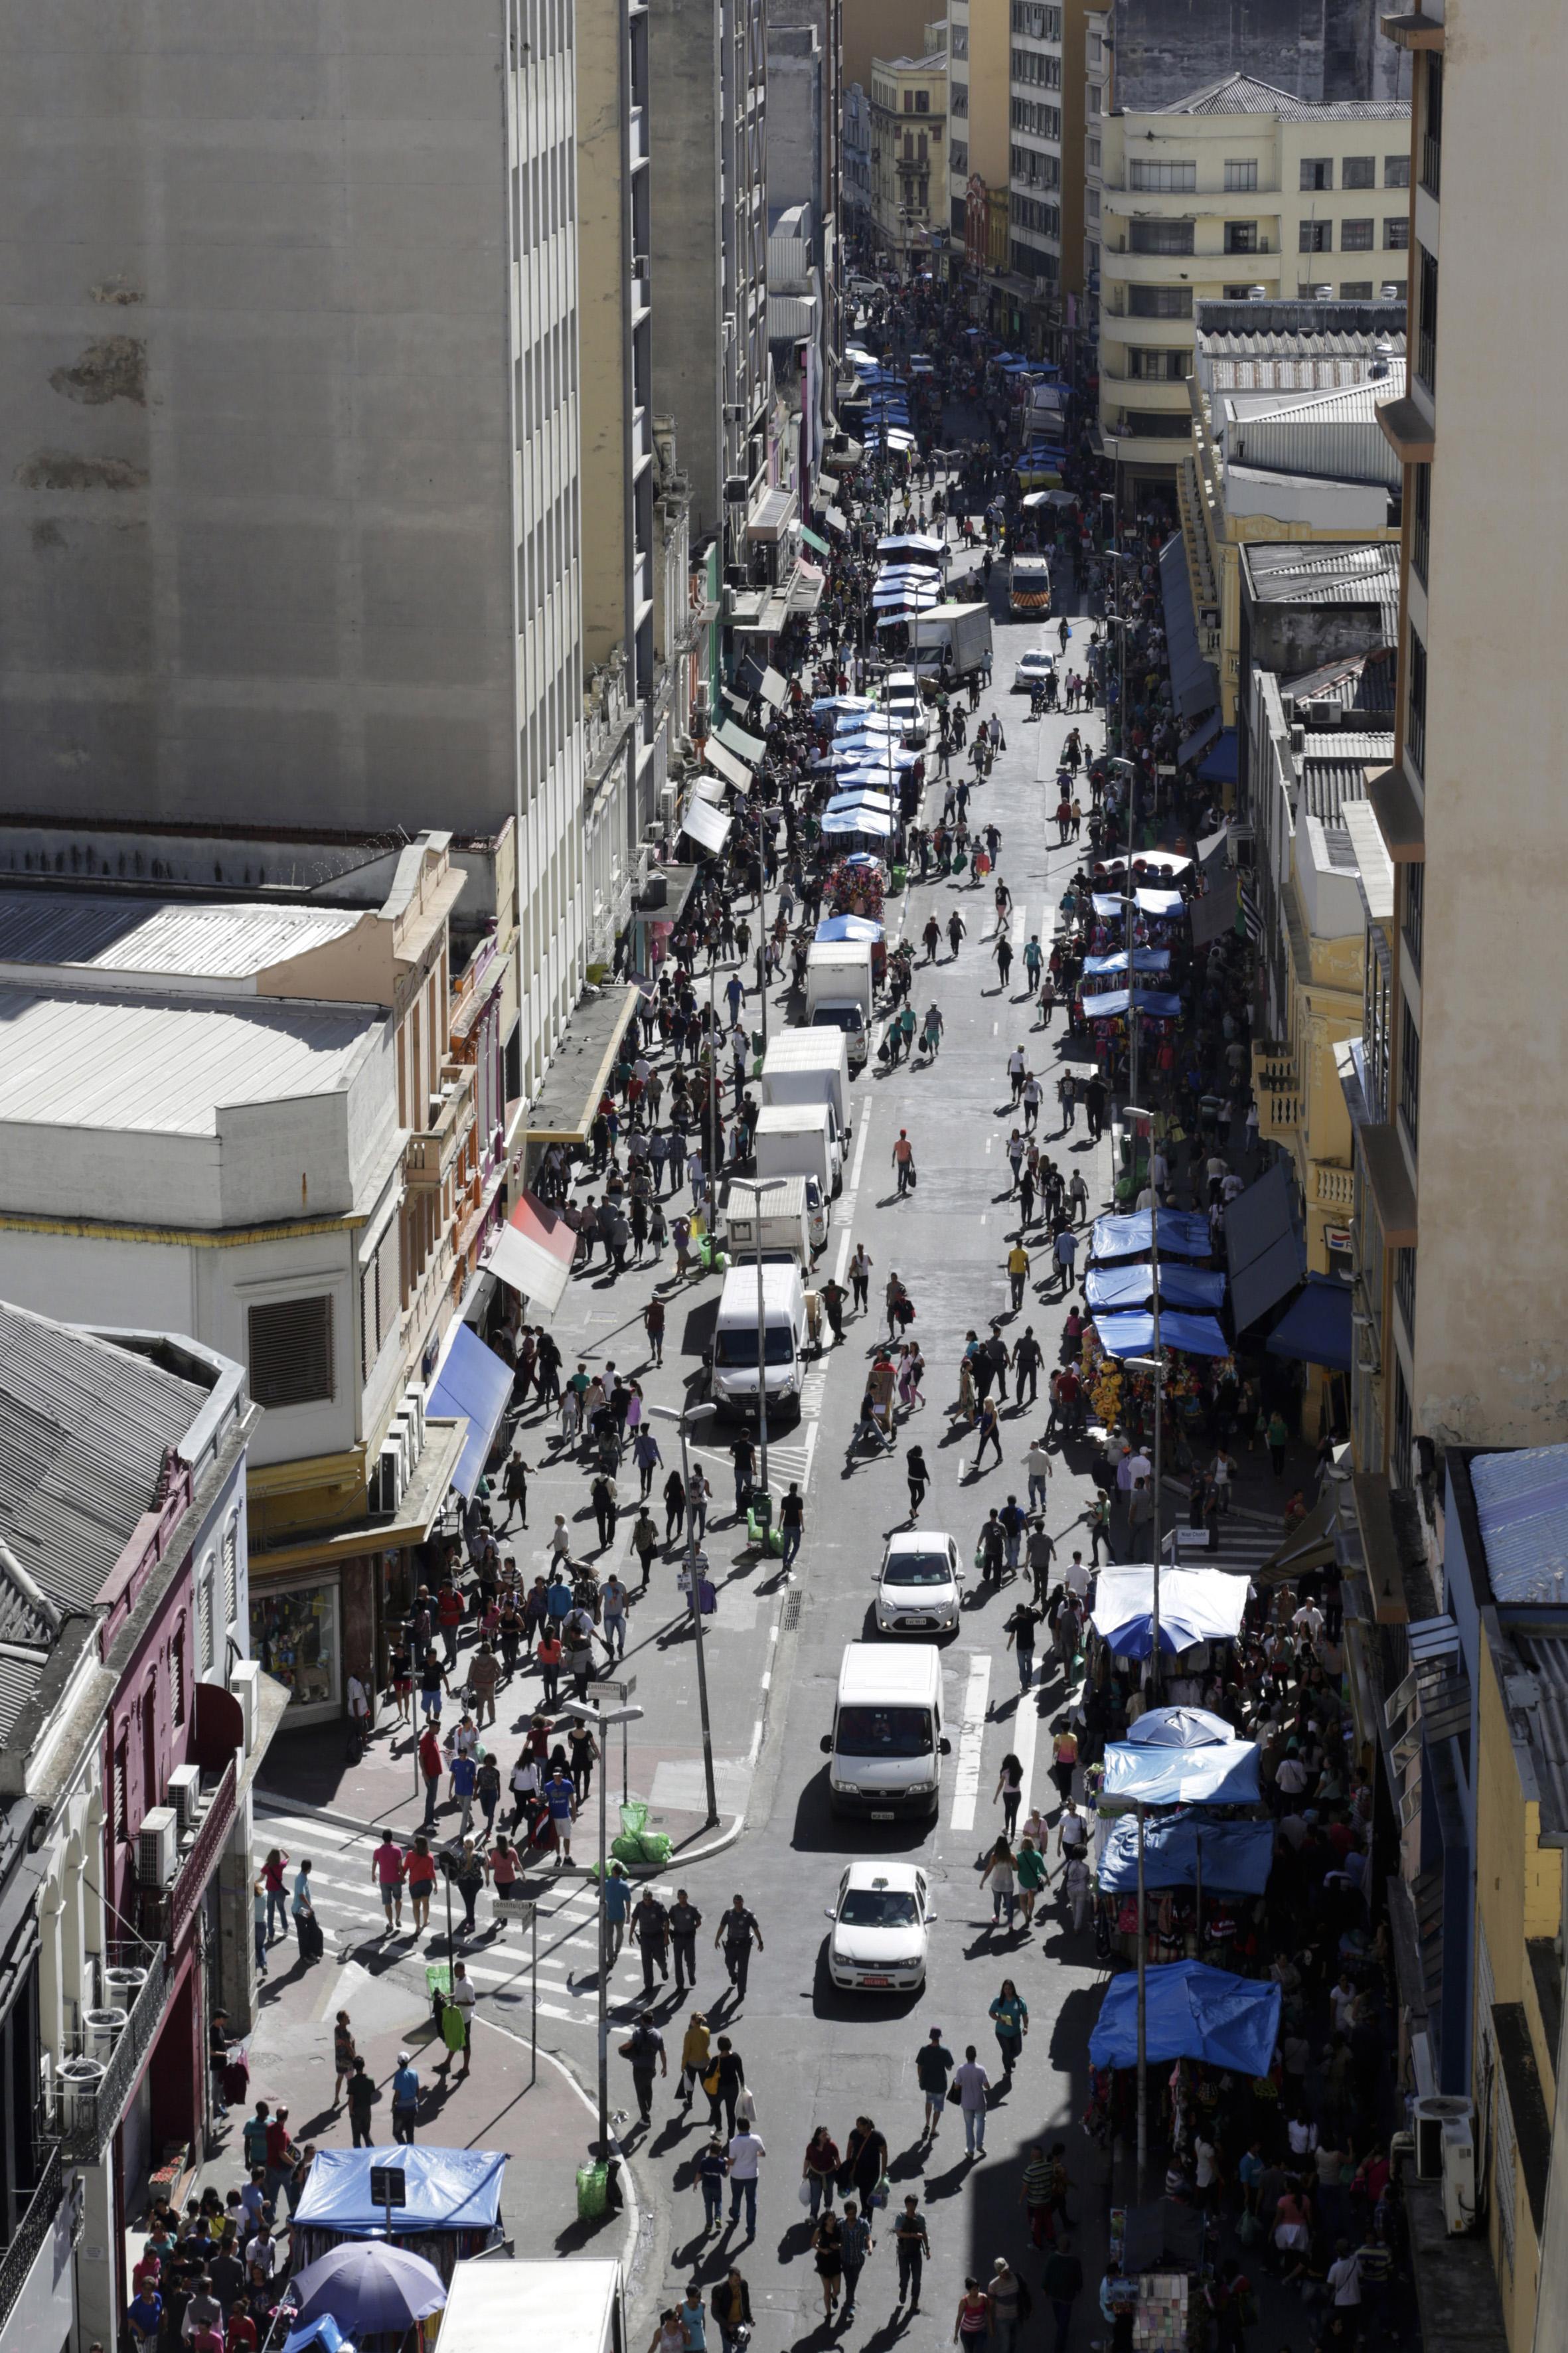 Imagen de lo alto de una calle de comercio popular, rodeada por numerosos edificios con tiendas en la planta baja. En el centro, calle dividida entre vehículos y decenas de barracas de lona azul repletas de mercancías variadas, lado a lado bordeando las aceras, donde cientos de personas caminan.